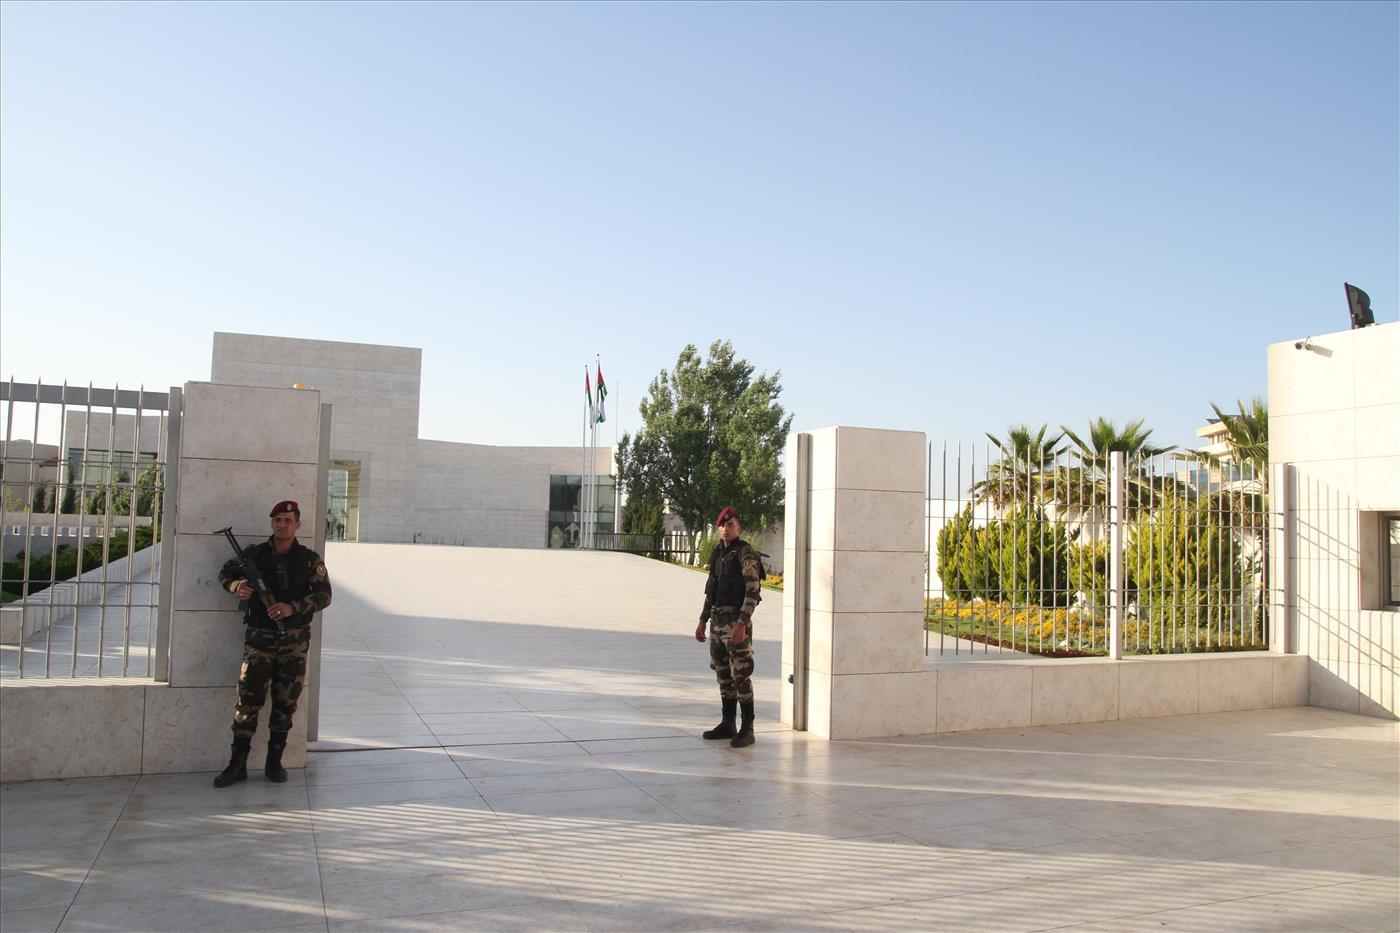 משרדי הרשות הפלסטינית במוקטעה ברמאללה (אהוד אמיתון TPS)